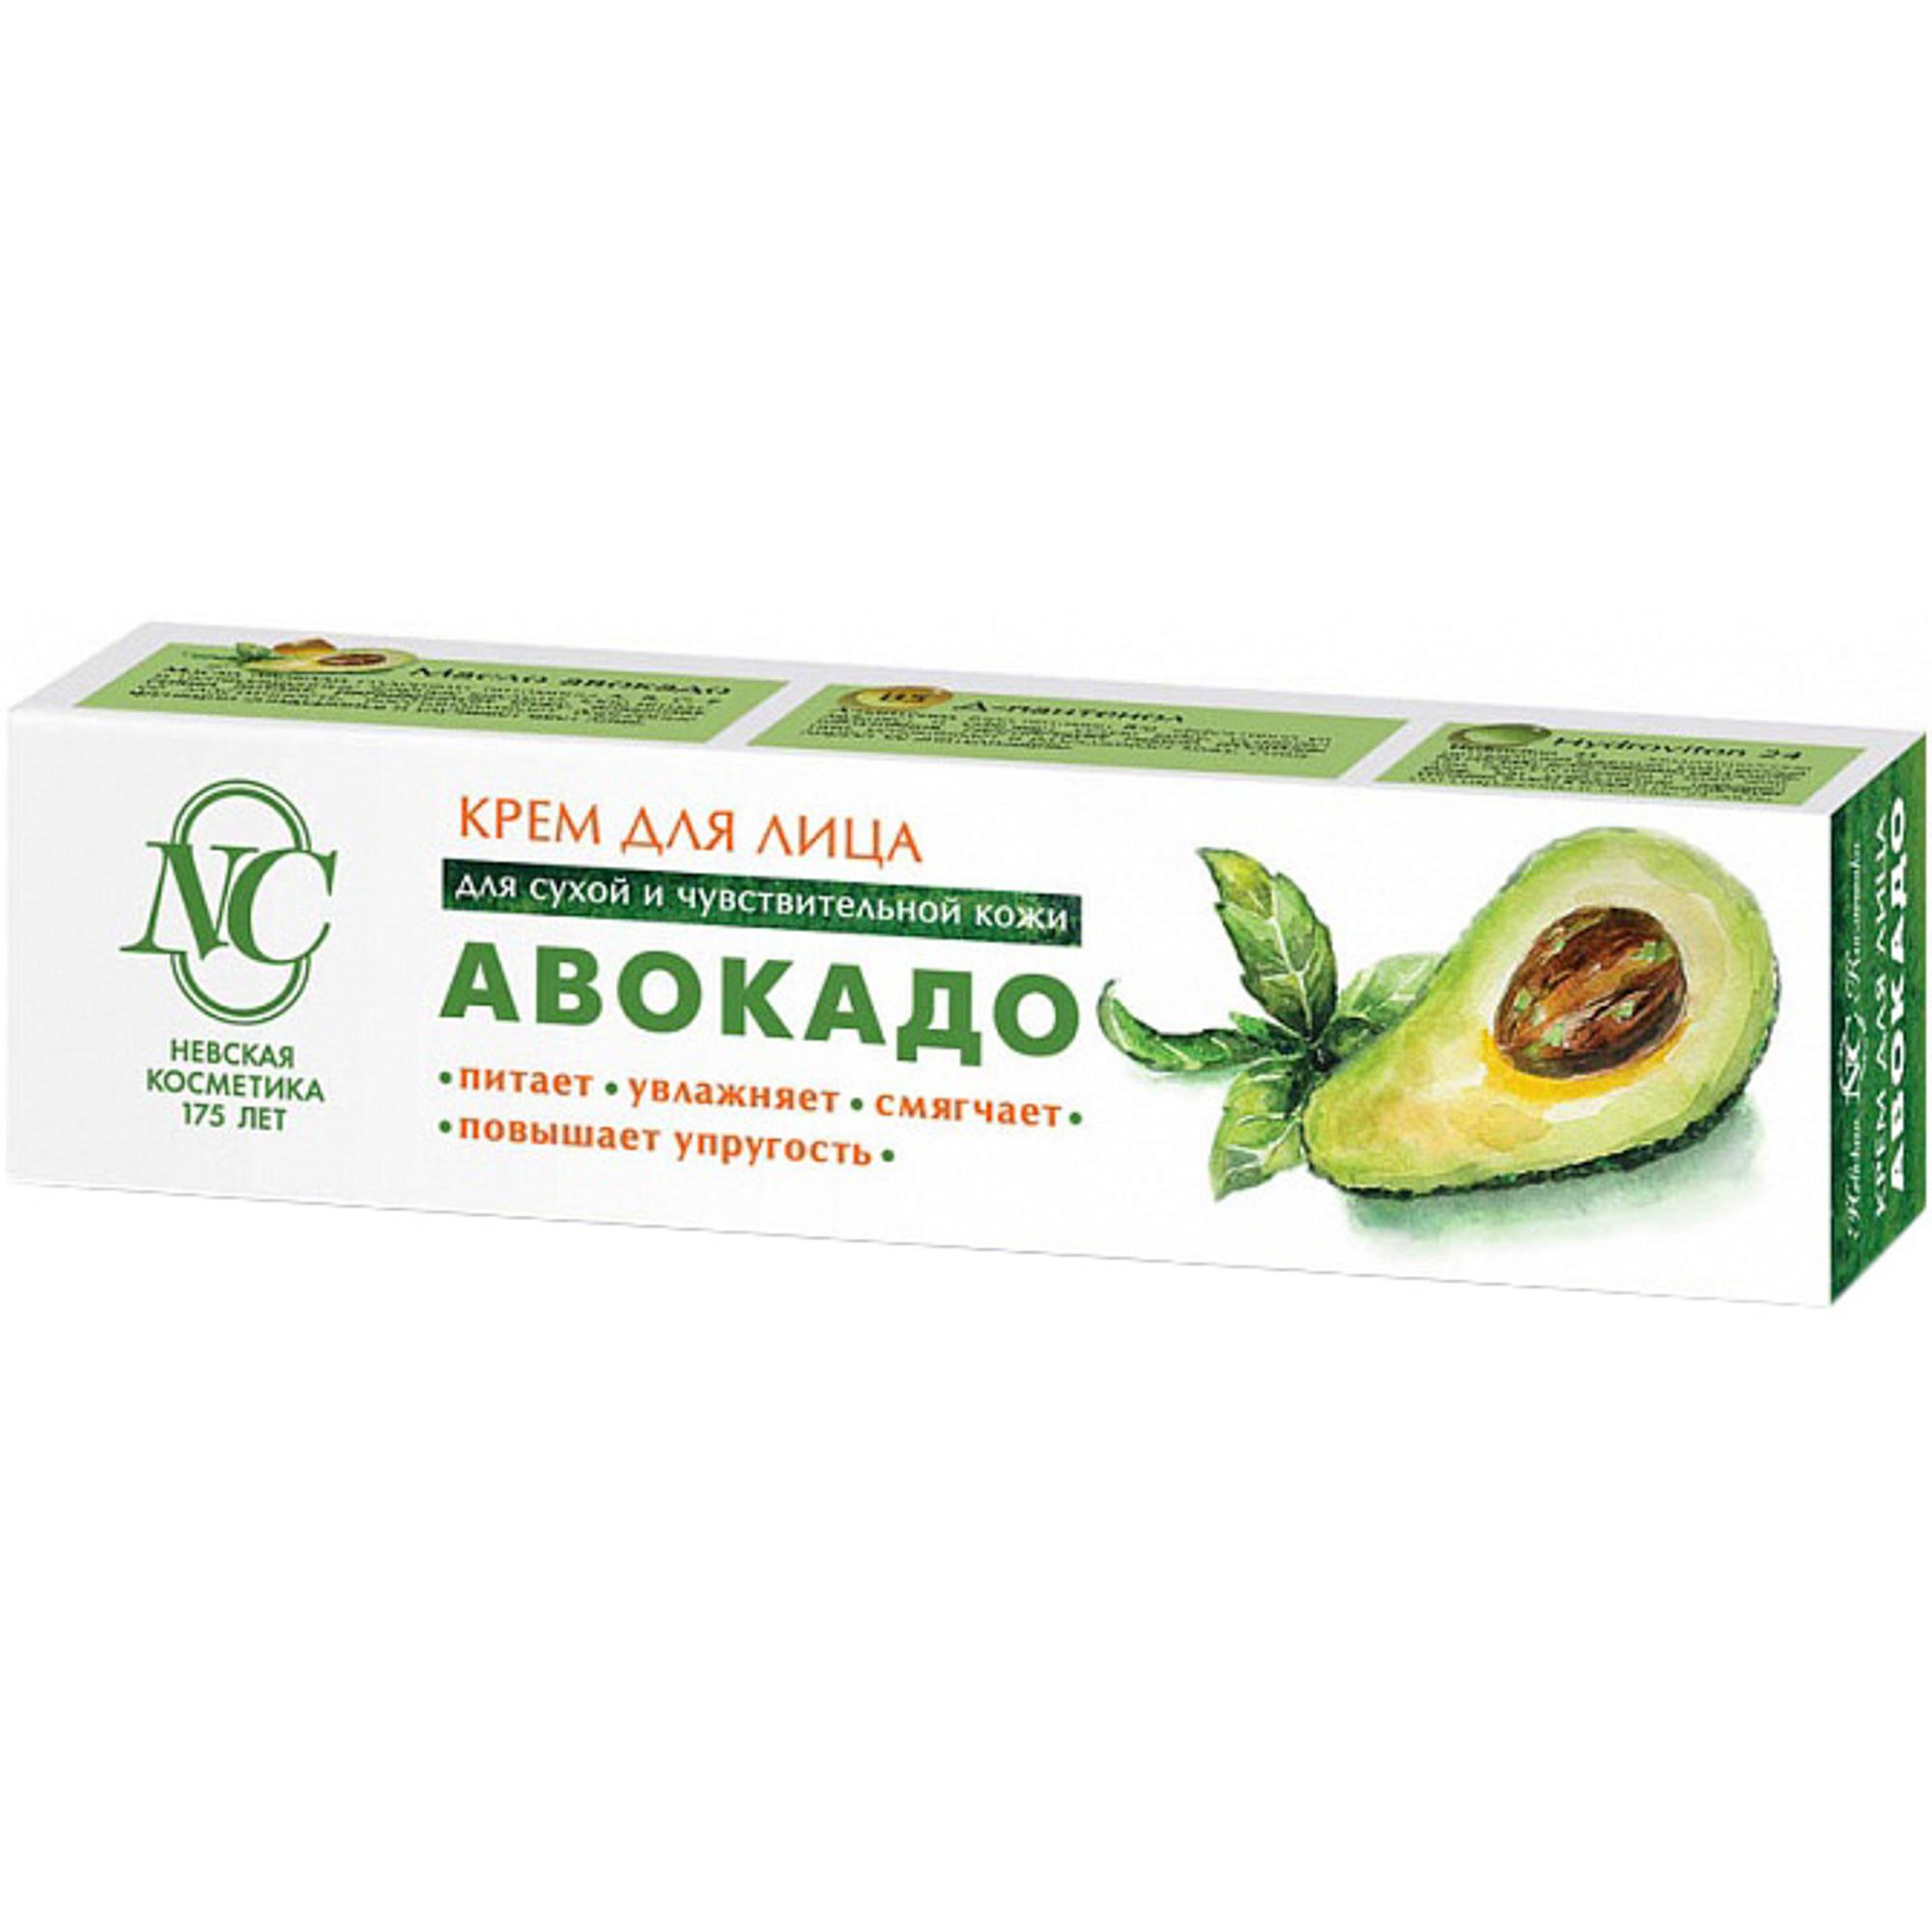 Крем для лица авокадо невская косметика купить косметика спивак купить в новосибирске